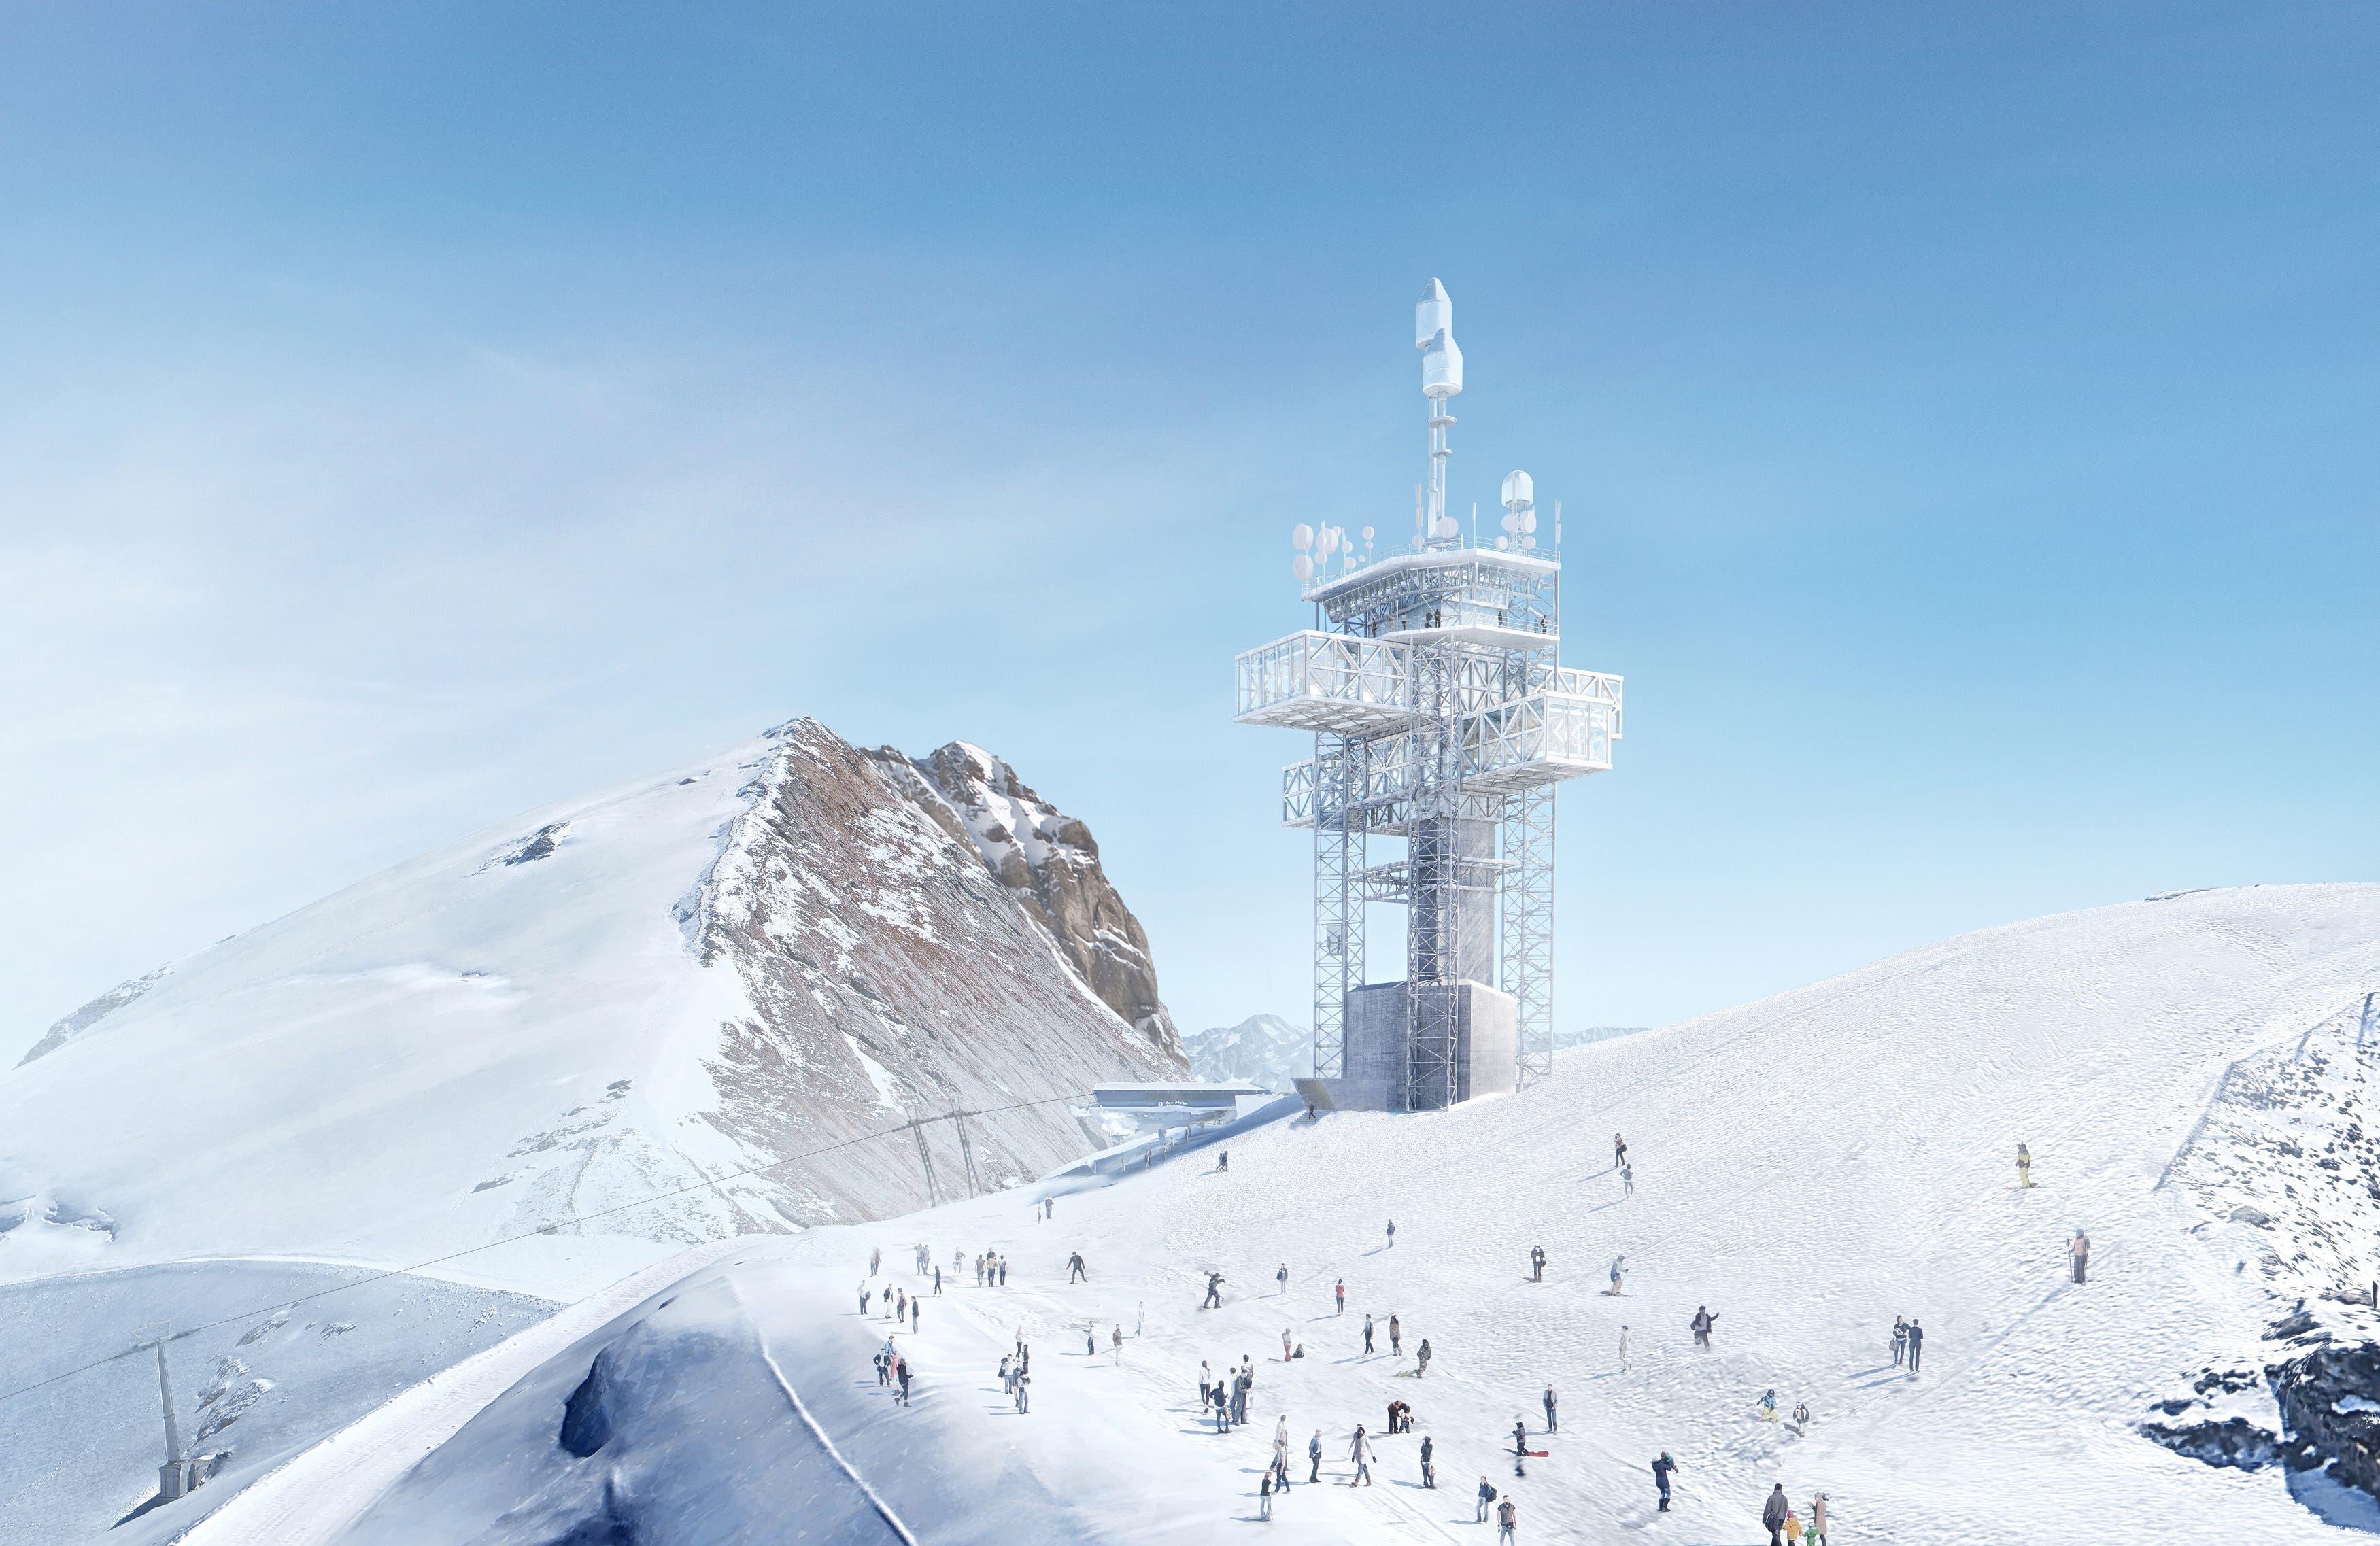 Auf dem Gipfel des Titlis in Engelberg wird bald nicht nur eine neue Bergstation thronen, auch der Richtstrahlturm wird öffentlich zugänglich gemacht. (Visualisierung: PD)